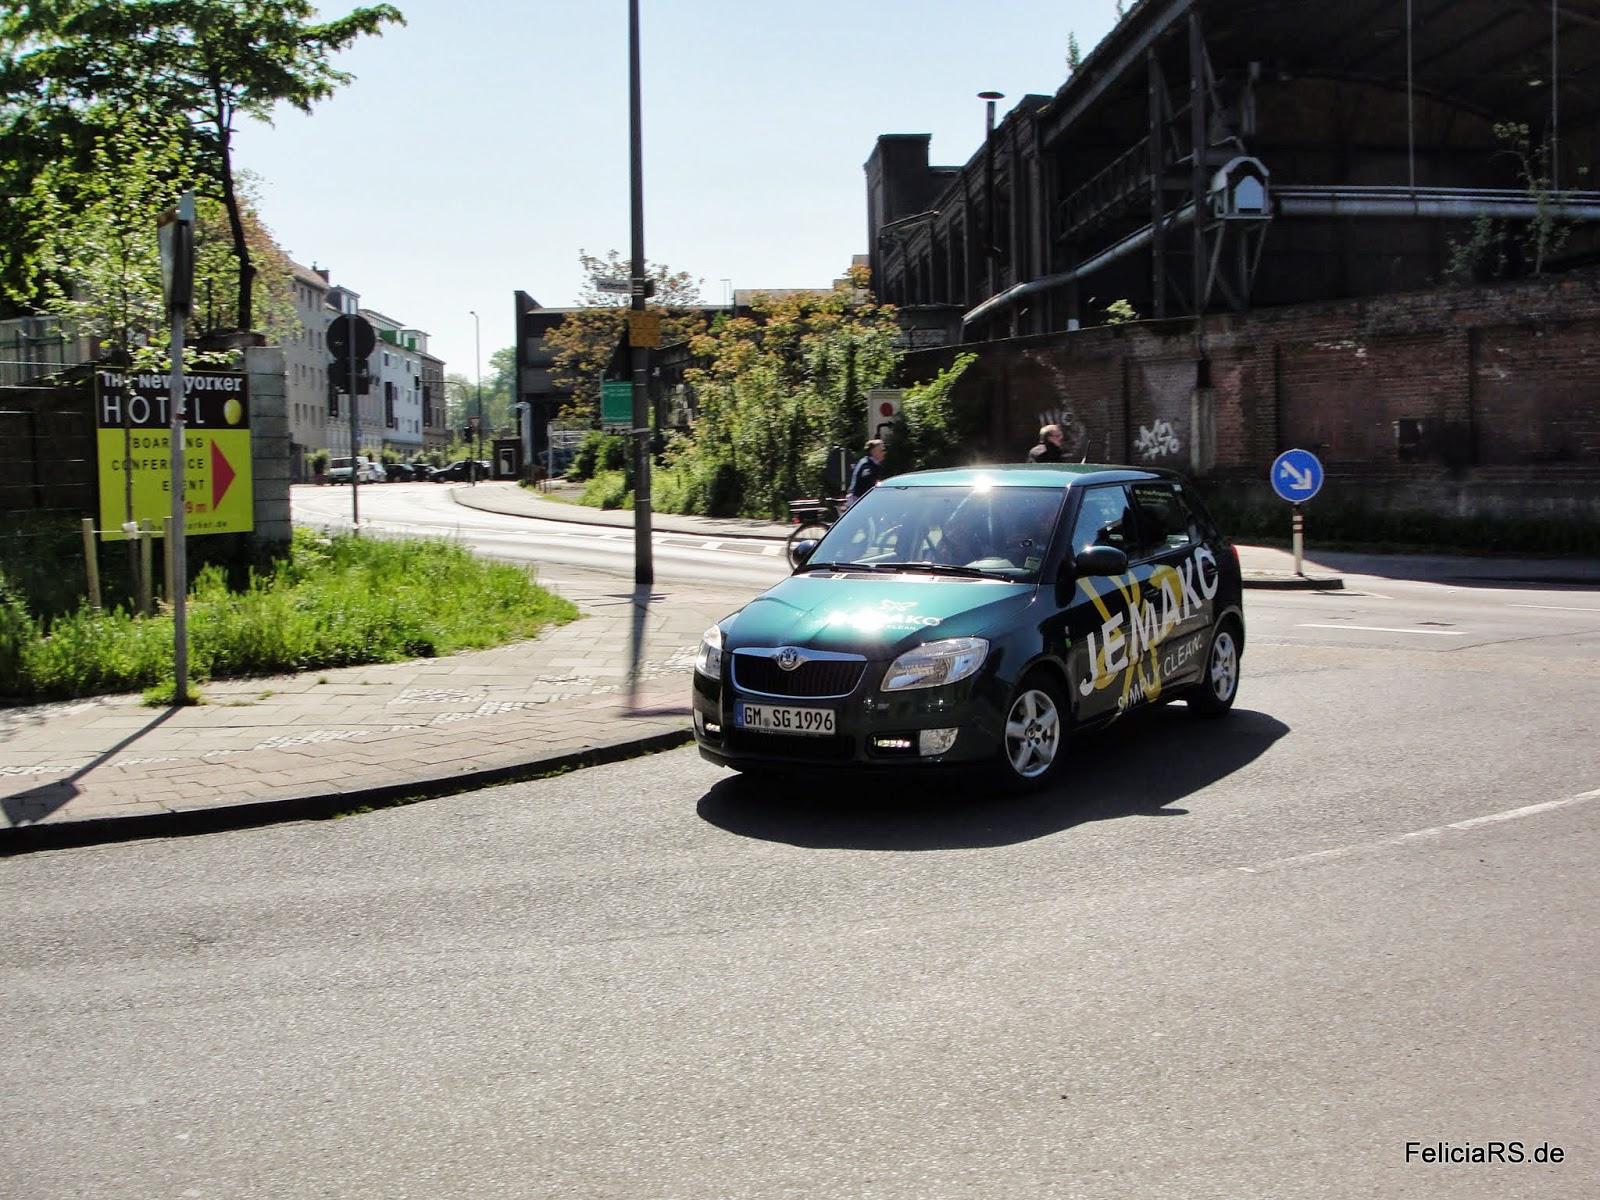 Ankunft von Stephan der heute am Kölner Dom um 11:11Uhr die 111.111Km einfahren wird.